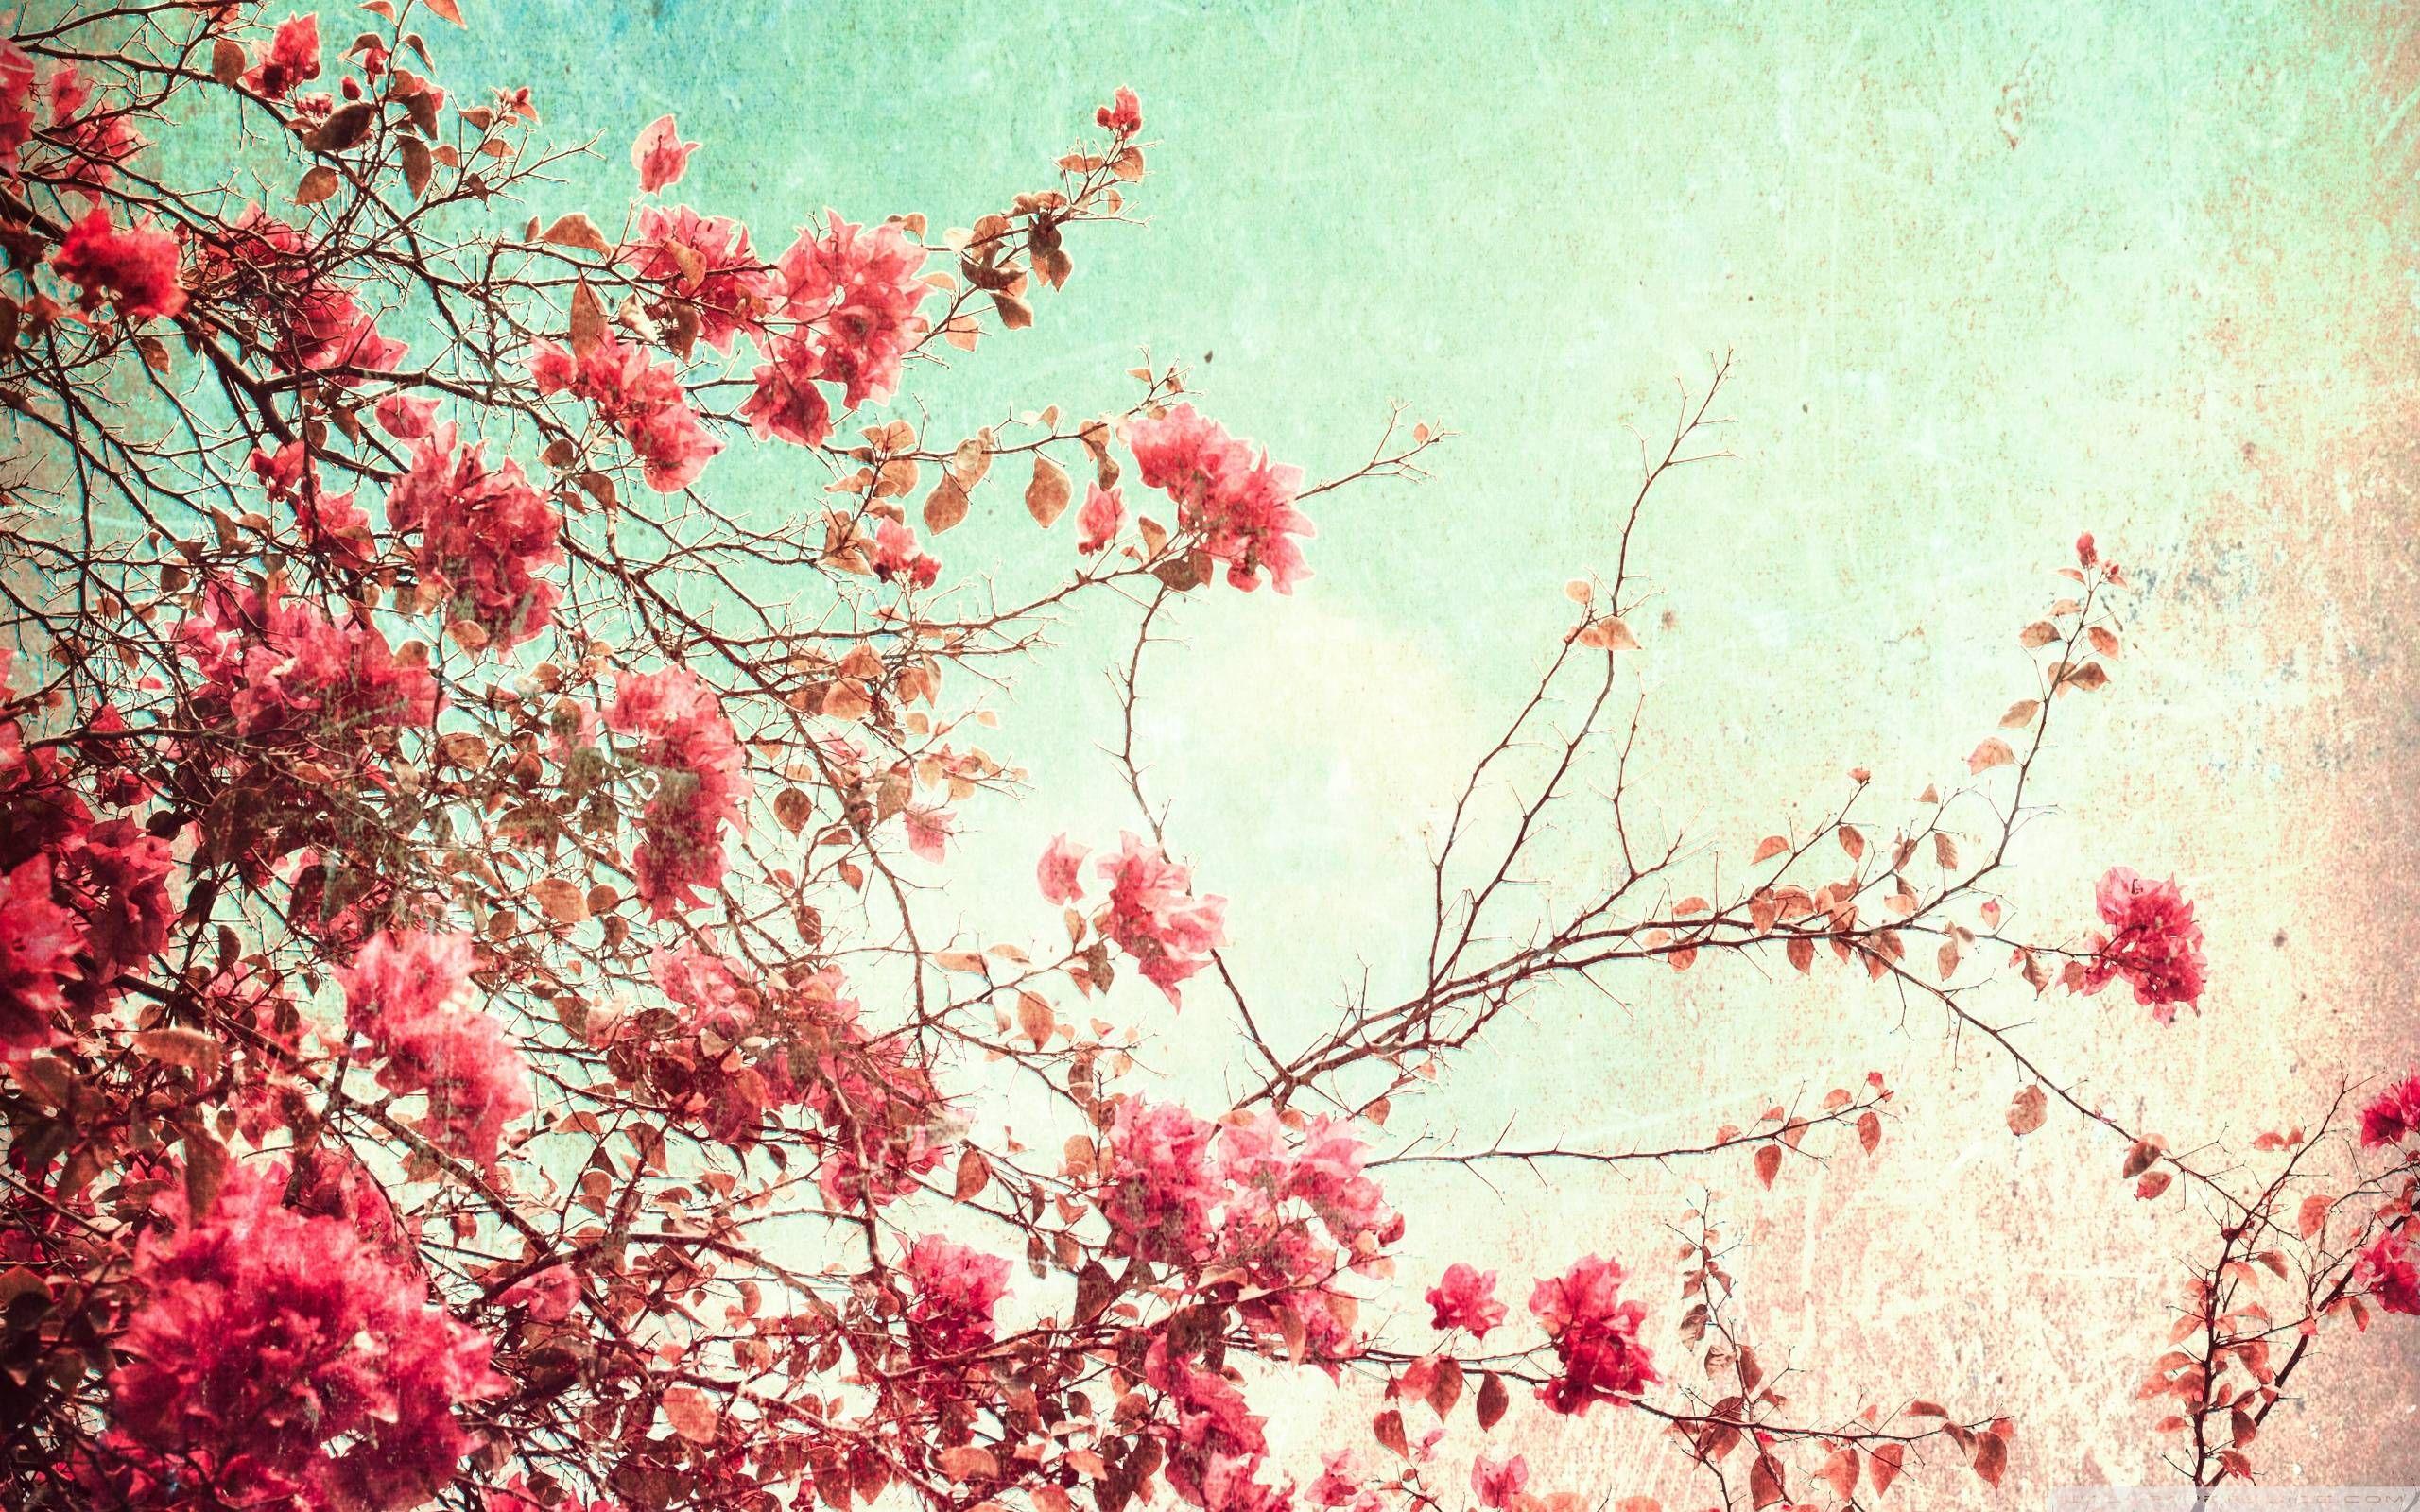 Vintage Wallpaper Vintage Floral Backgrounds Vintage Flowers Wallpaper Vintage Desktop Wallpapers